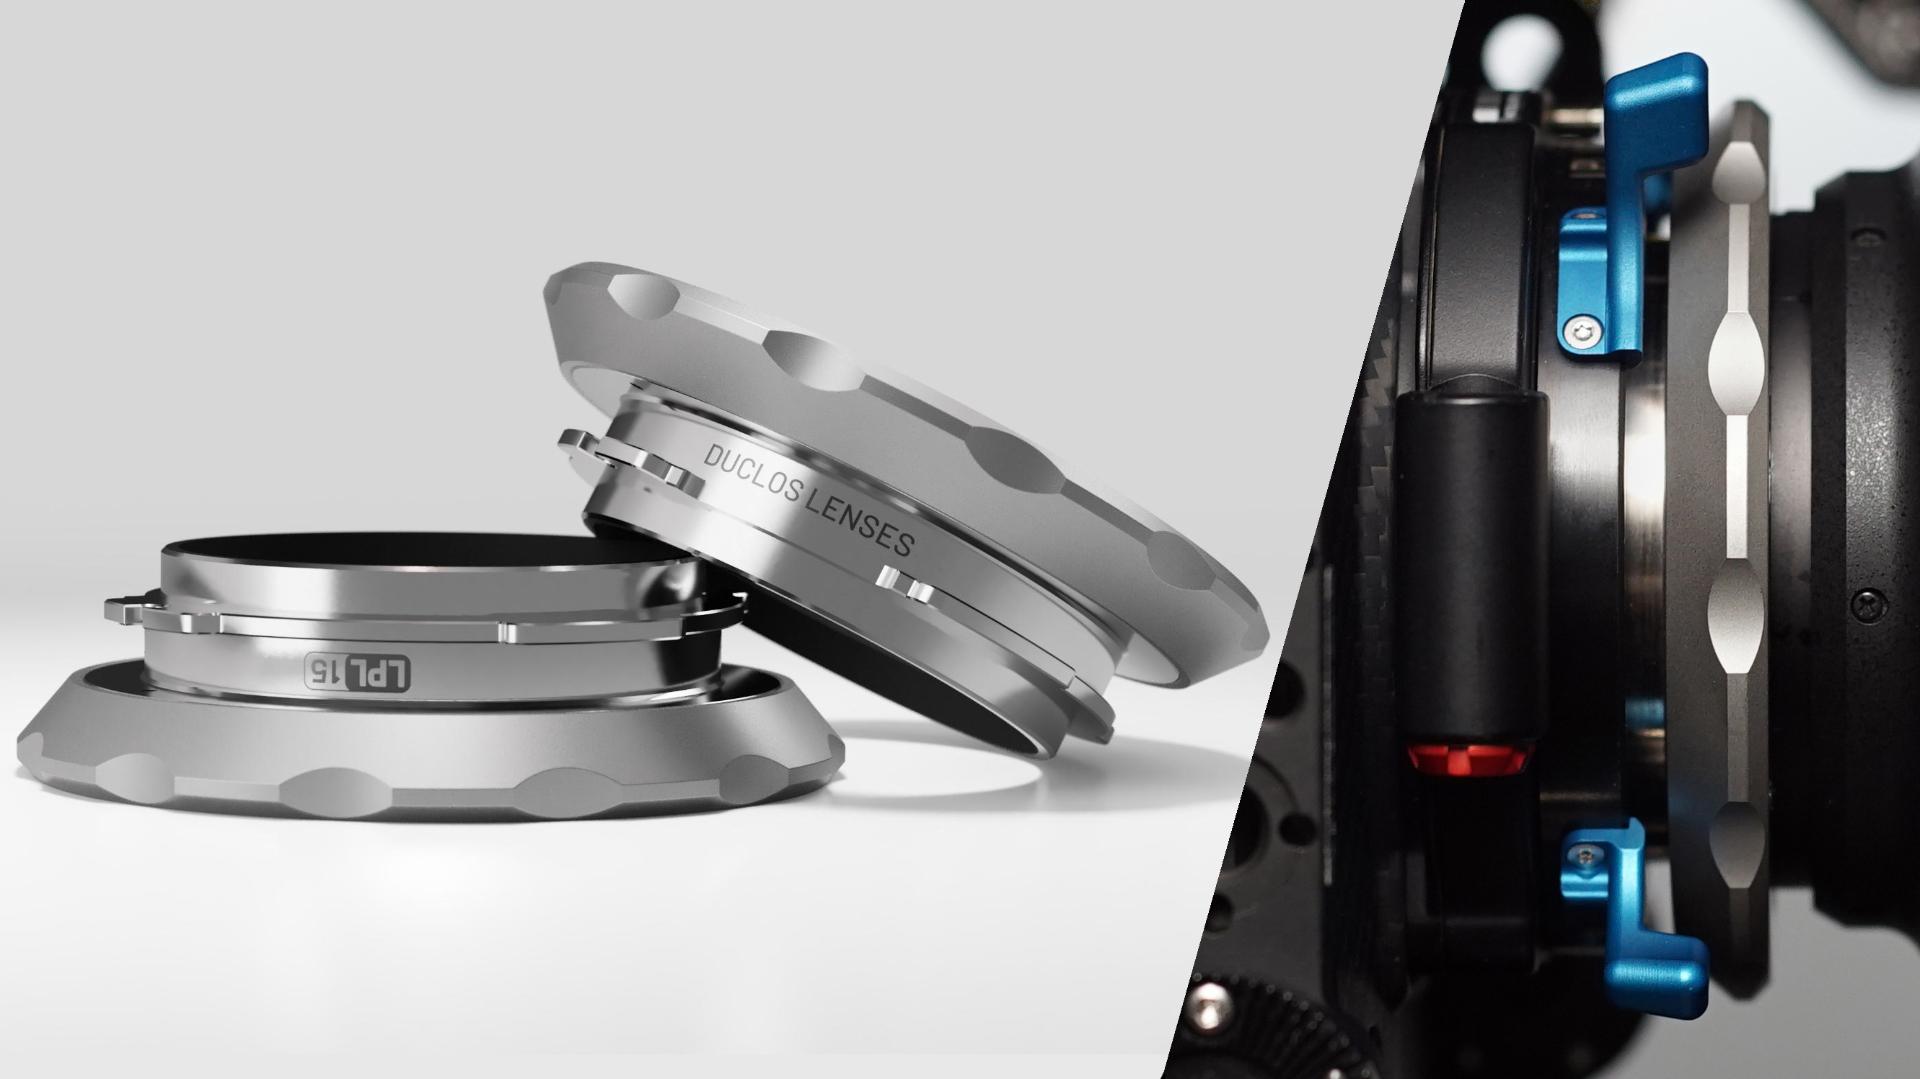 Nuevo adaptador Macro Tube 15mm LPL de Duclos- Obtén fotos macro con cualquier lente